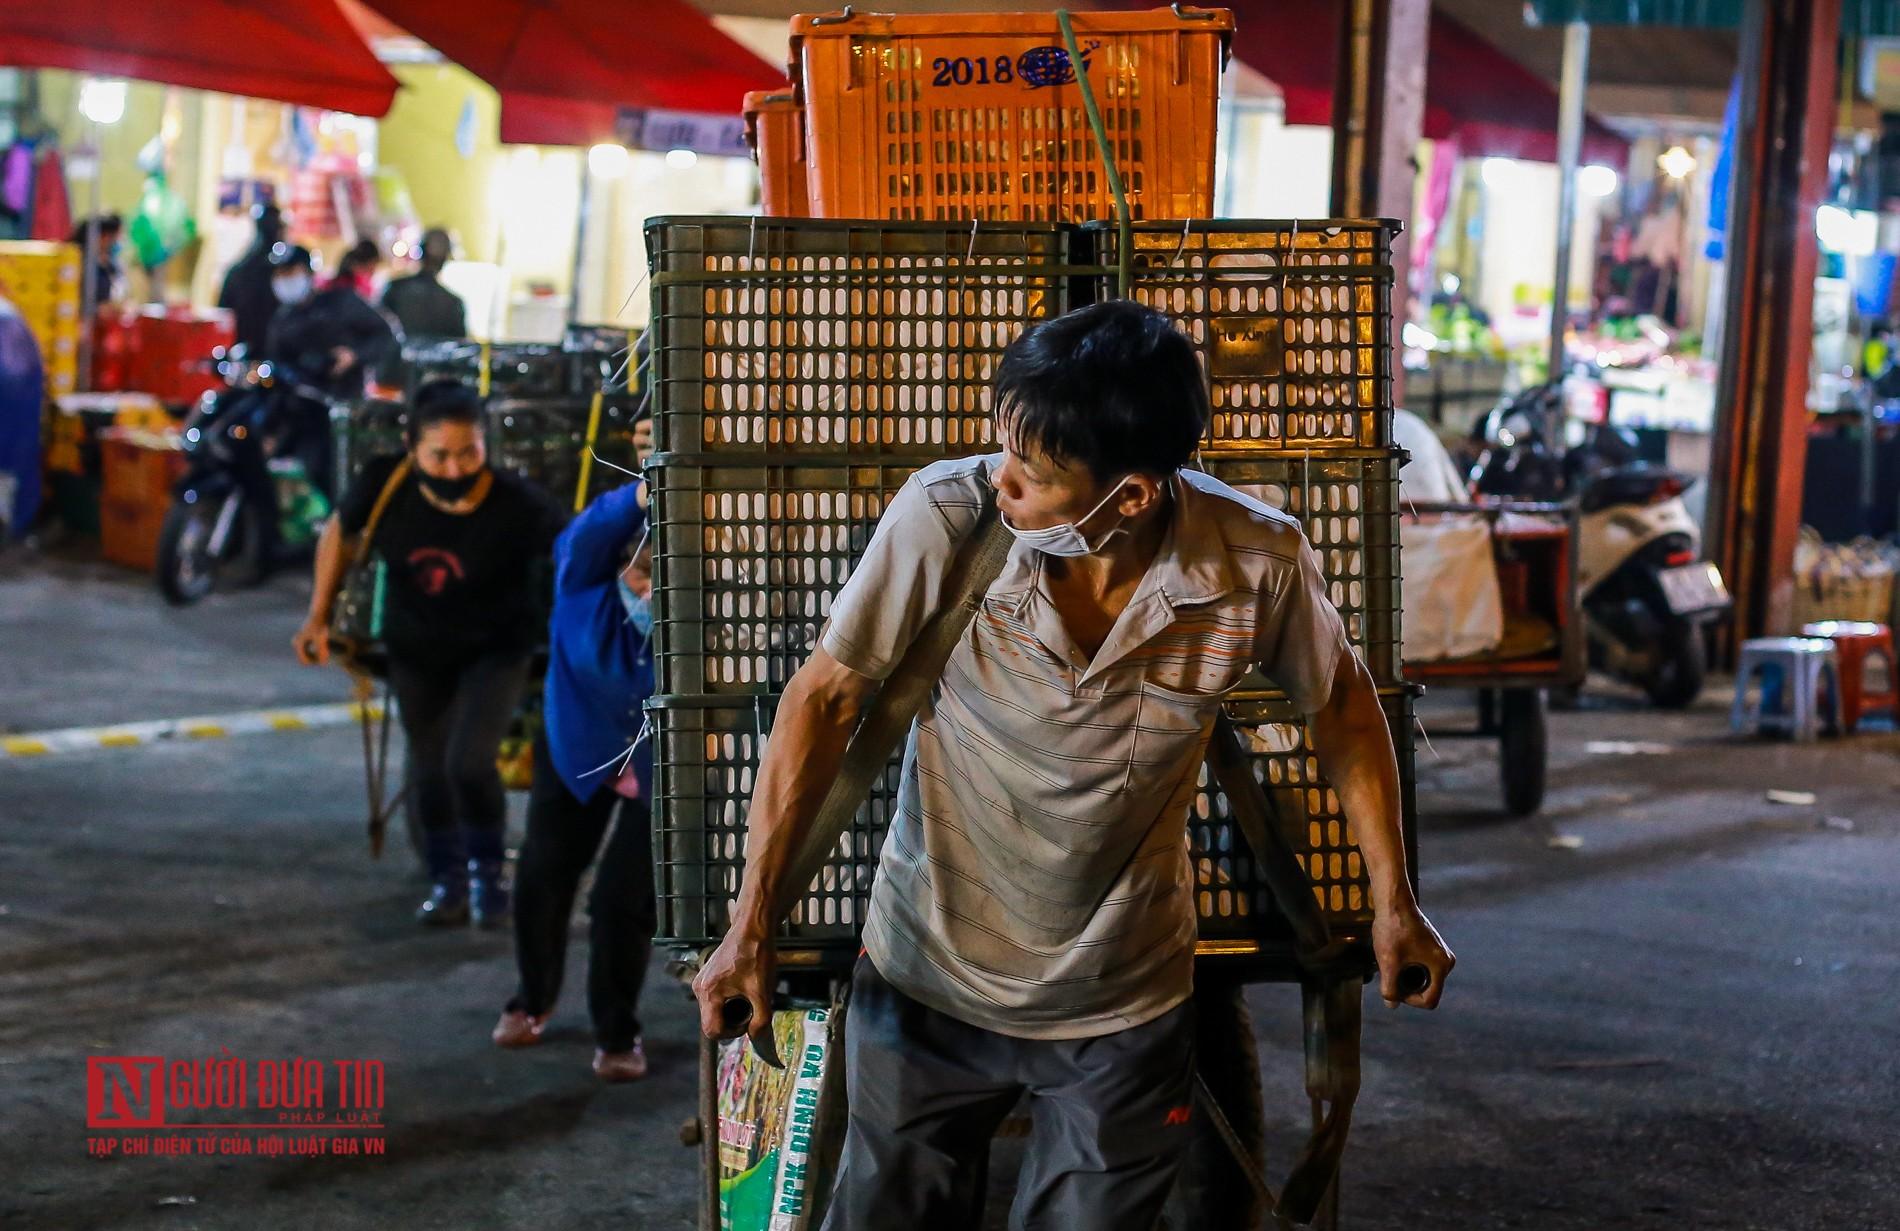 Người lao động vui vẻ kéo hàng trong đêm tại chợ hoa quả đầu mối-14